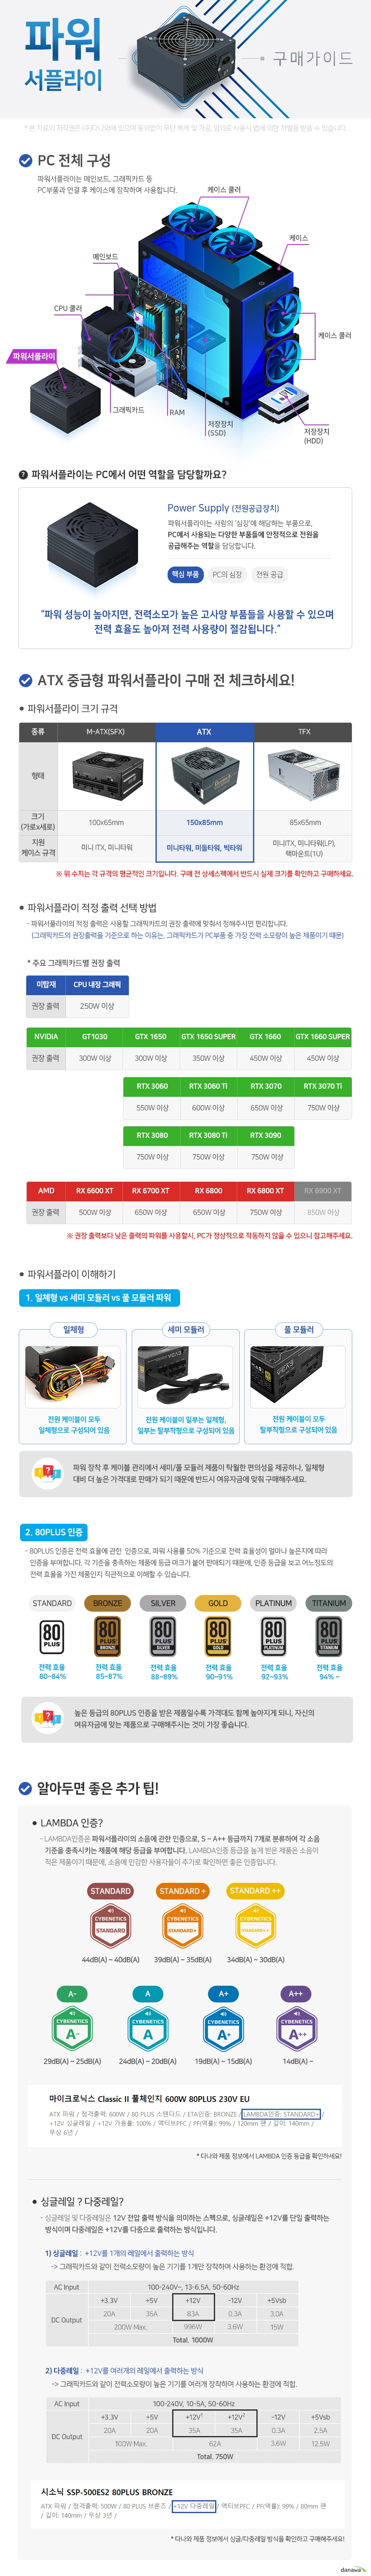 마이크로닉스 COOLMAX ELITE 700W HDB 벌크